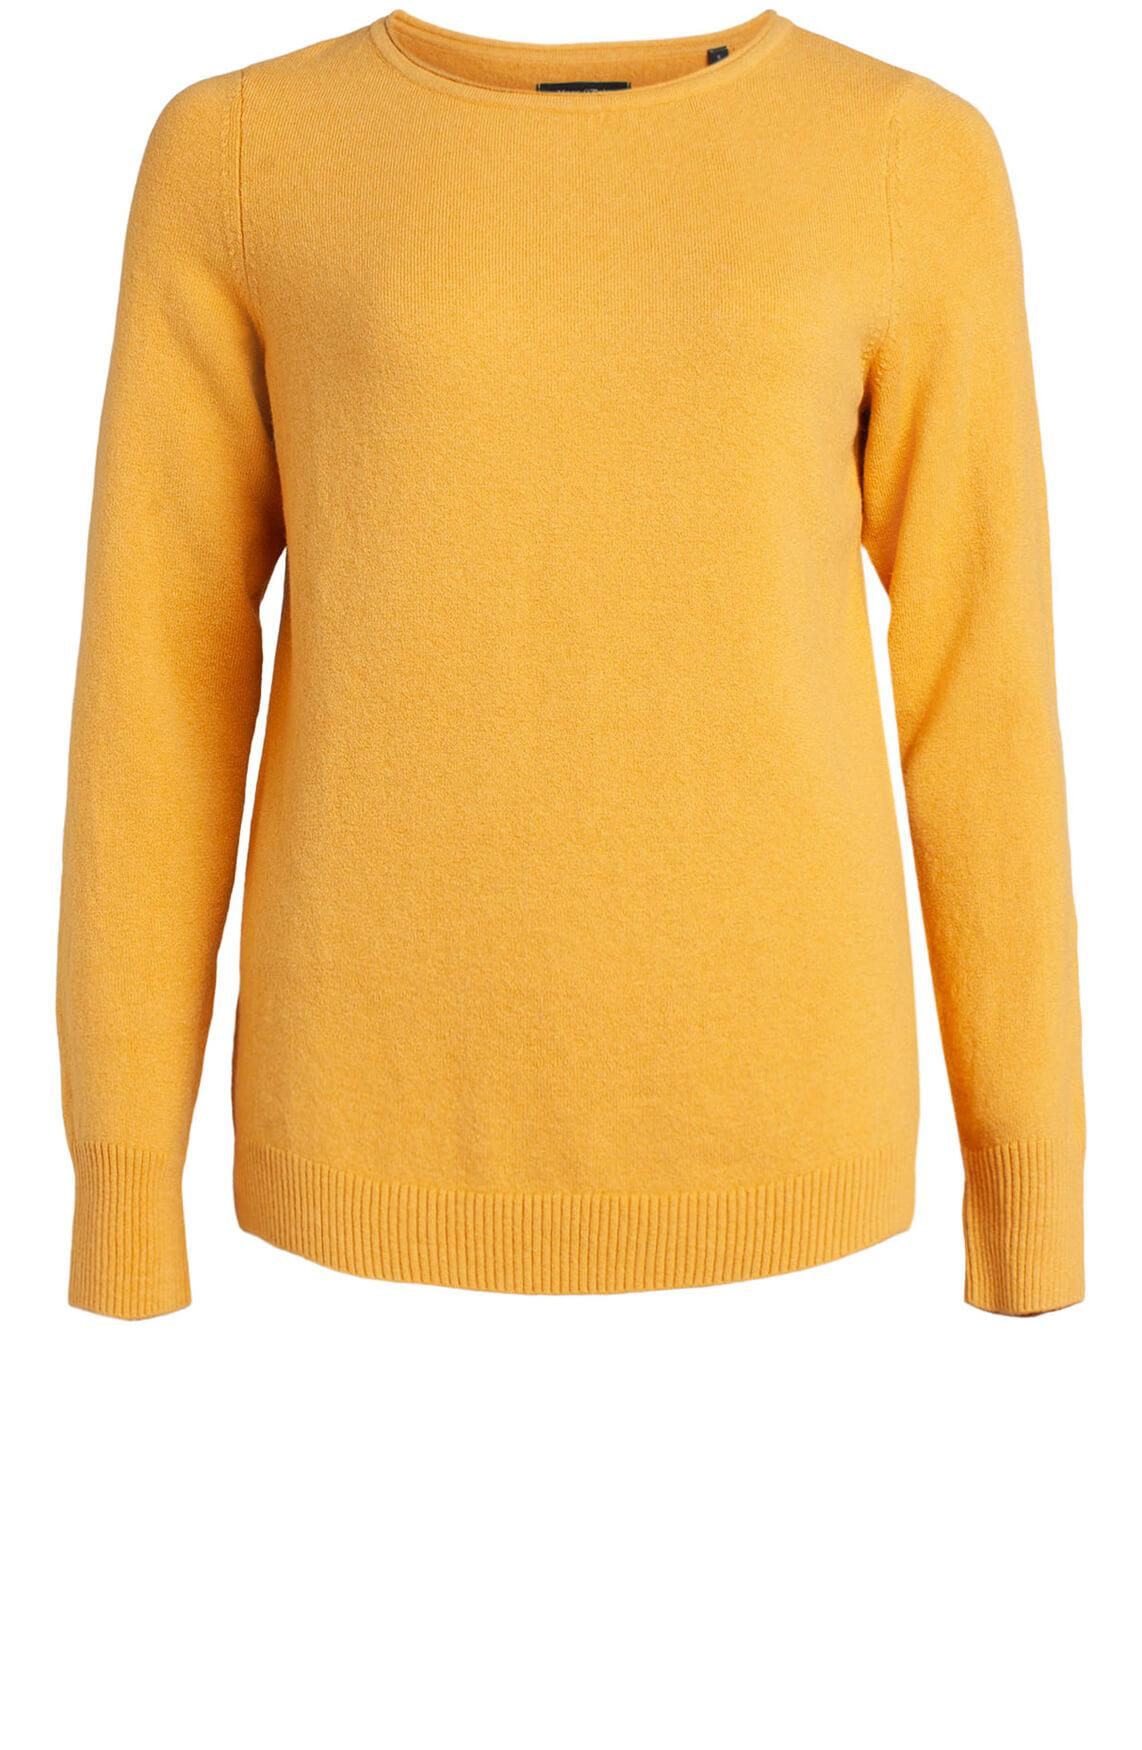 Marc O'Polo Dames Pullover geel